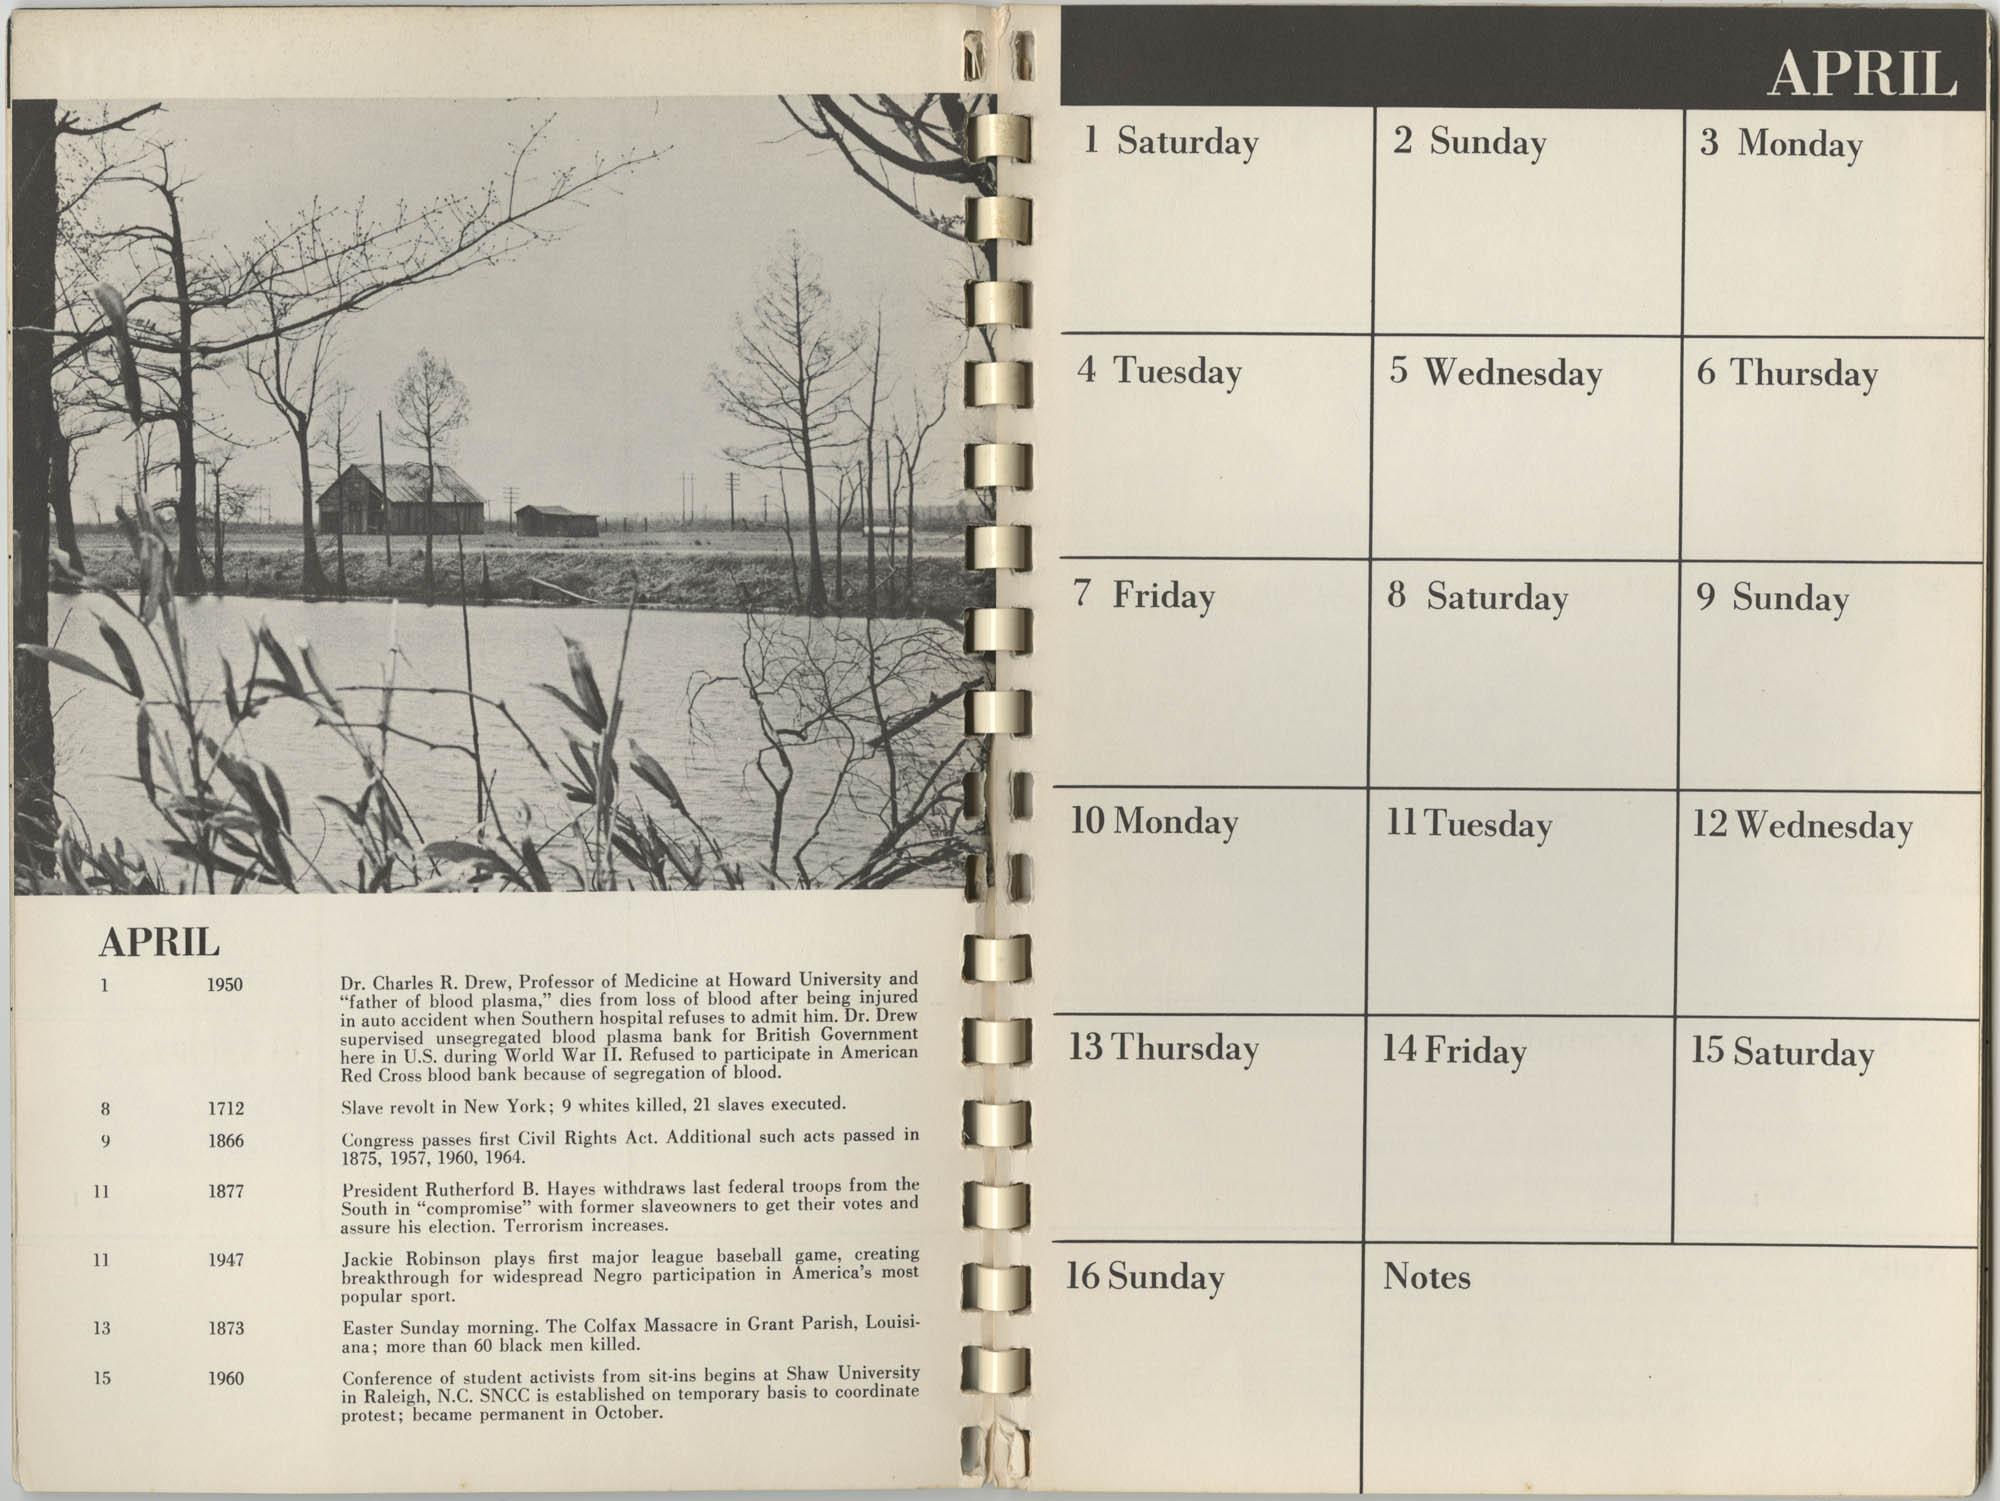 1967 SNCC Calendar, April 1-16